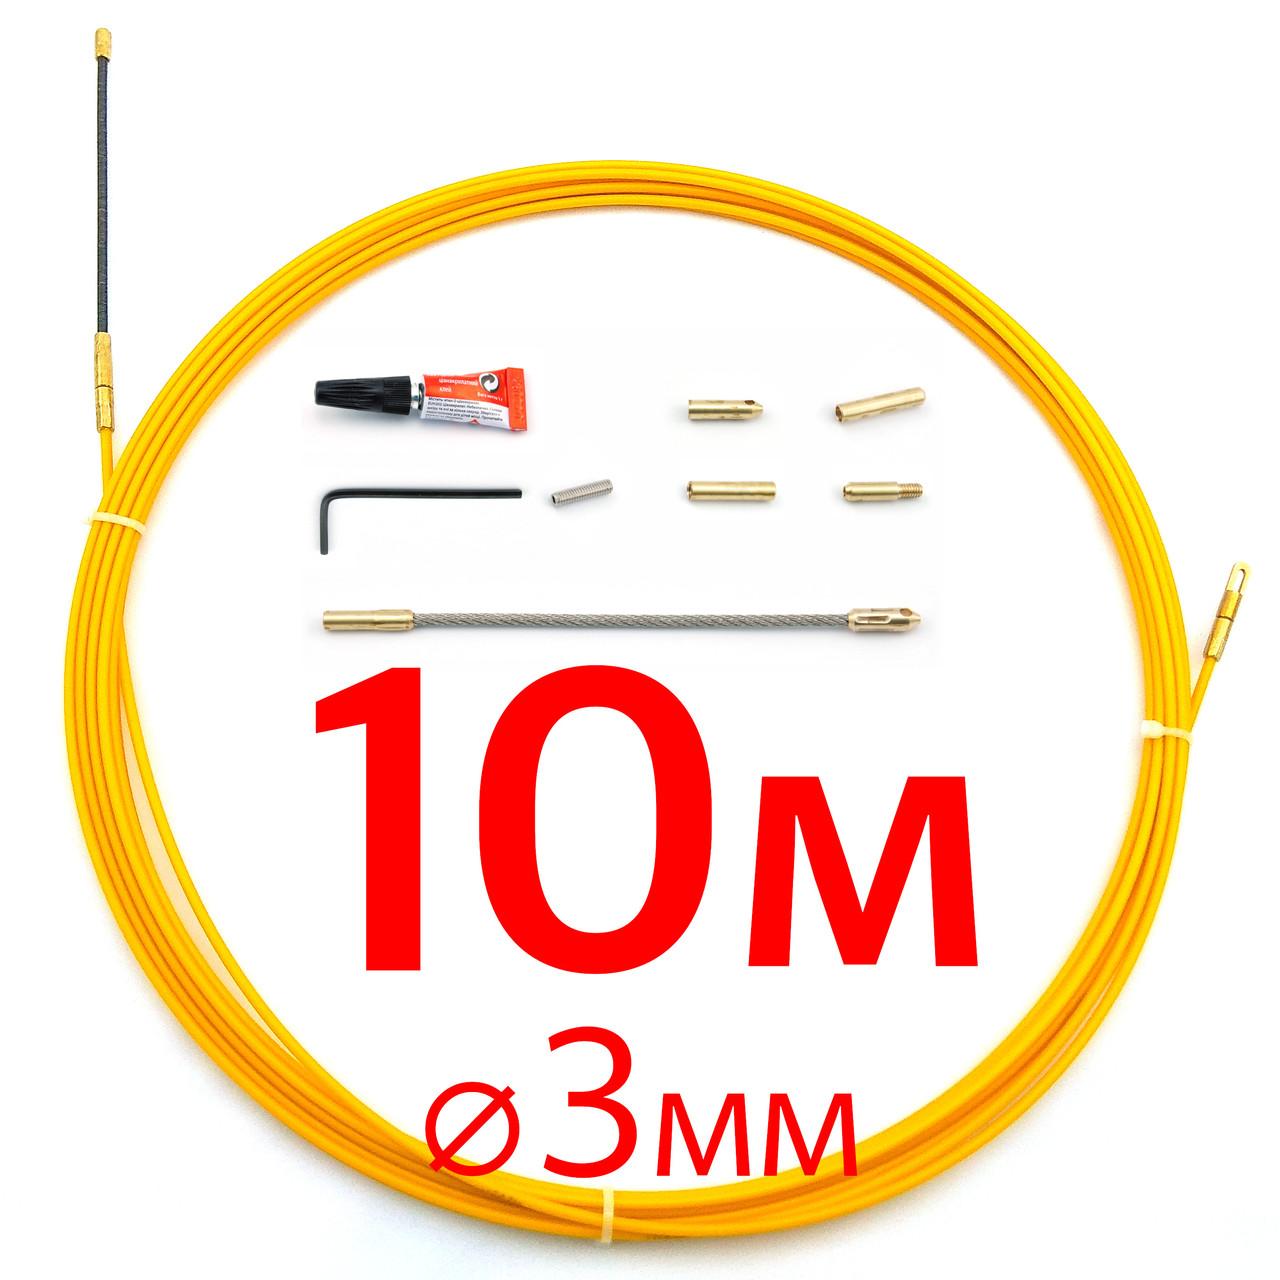 Кабельная протяжка, стеклопруток 3мм х 10м + 7 наконечников